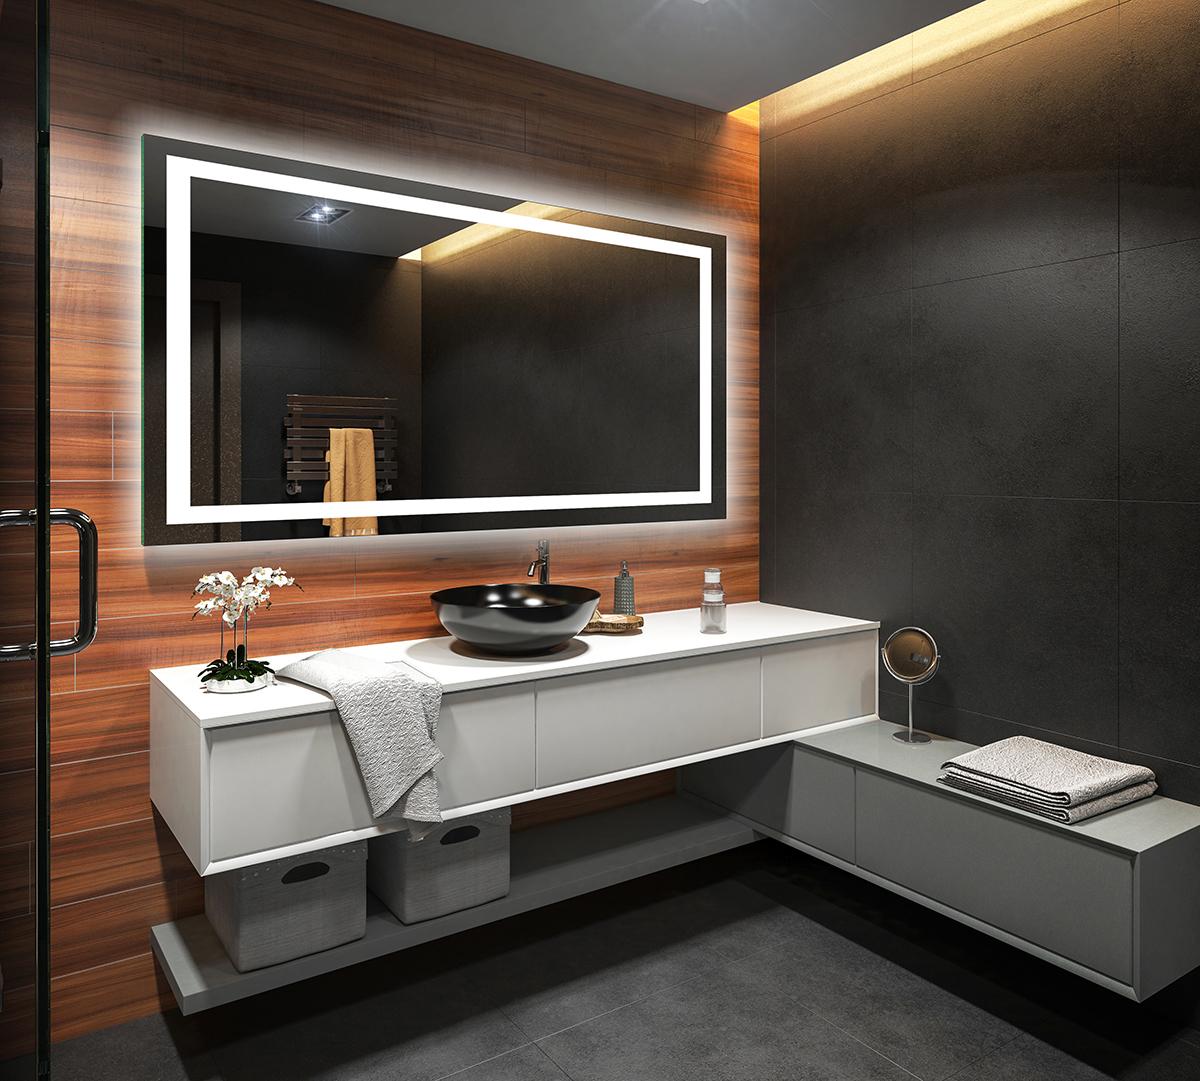 Details zu Modern Badspiegel mit Beleuchtung LED Wandspiegel Spiegel Bad  Batterien Versorgt